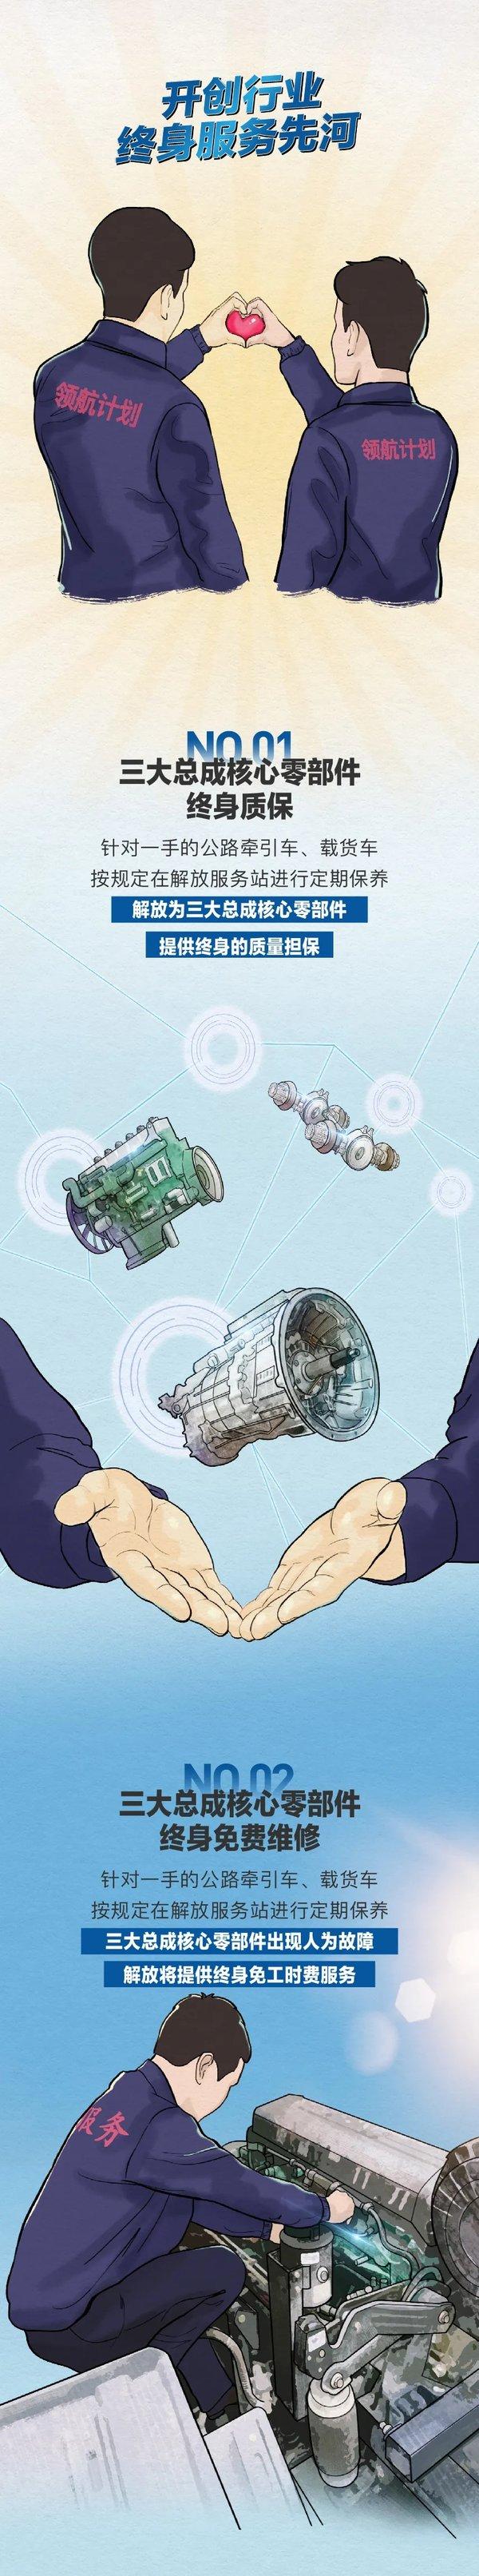 """终身免费维修、终身免费送机油滤芯!""""感动服务""""领航计划来了!"""